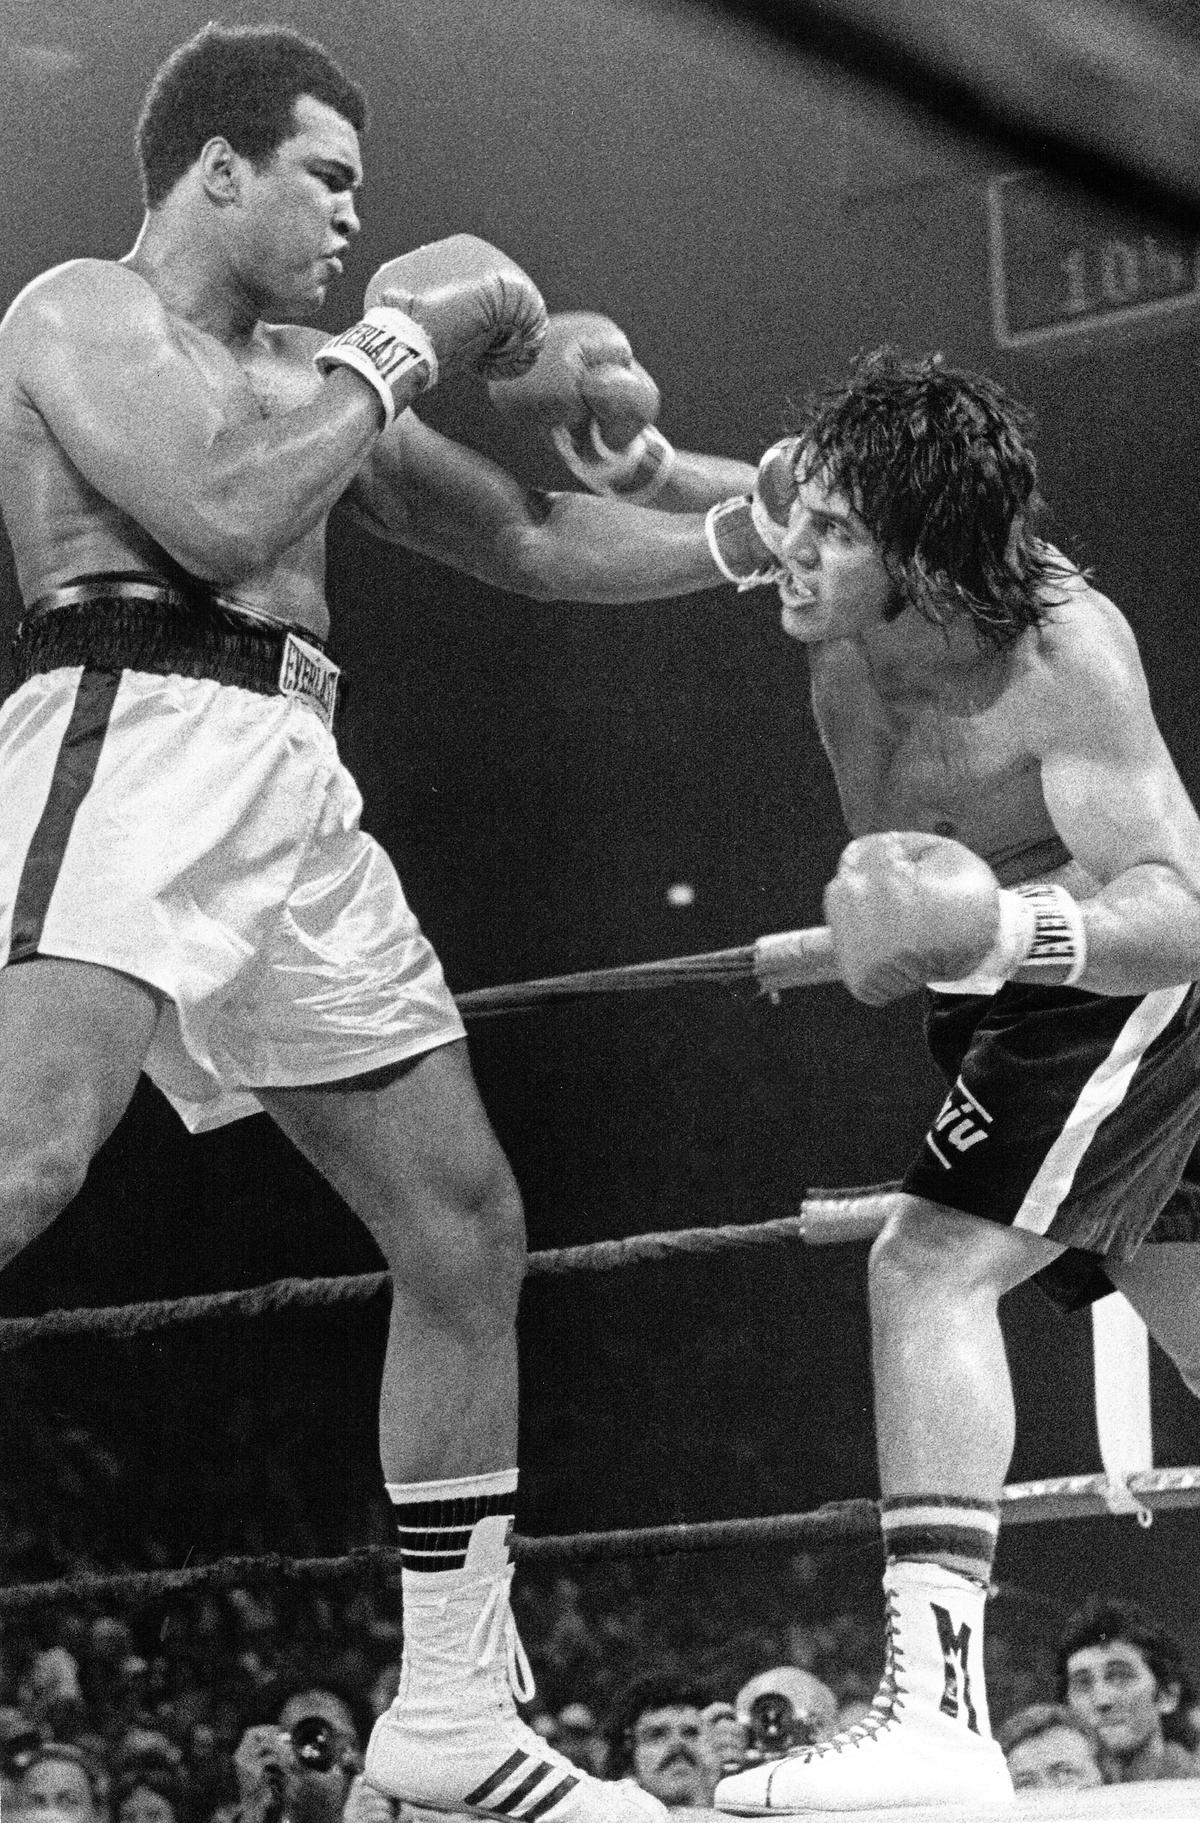 1977年5月16日,馬里蘭州透過ABC現場實況轉播的拳王挑戰賽中,衛冕的拳王阿里在裁判一致裁定下擊敗挑戰對手伊凡傑利斯塔。(取自東方IC)